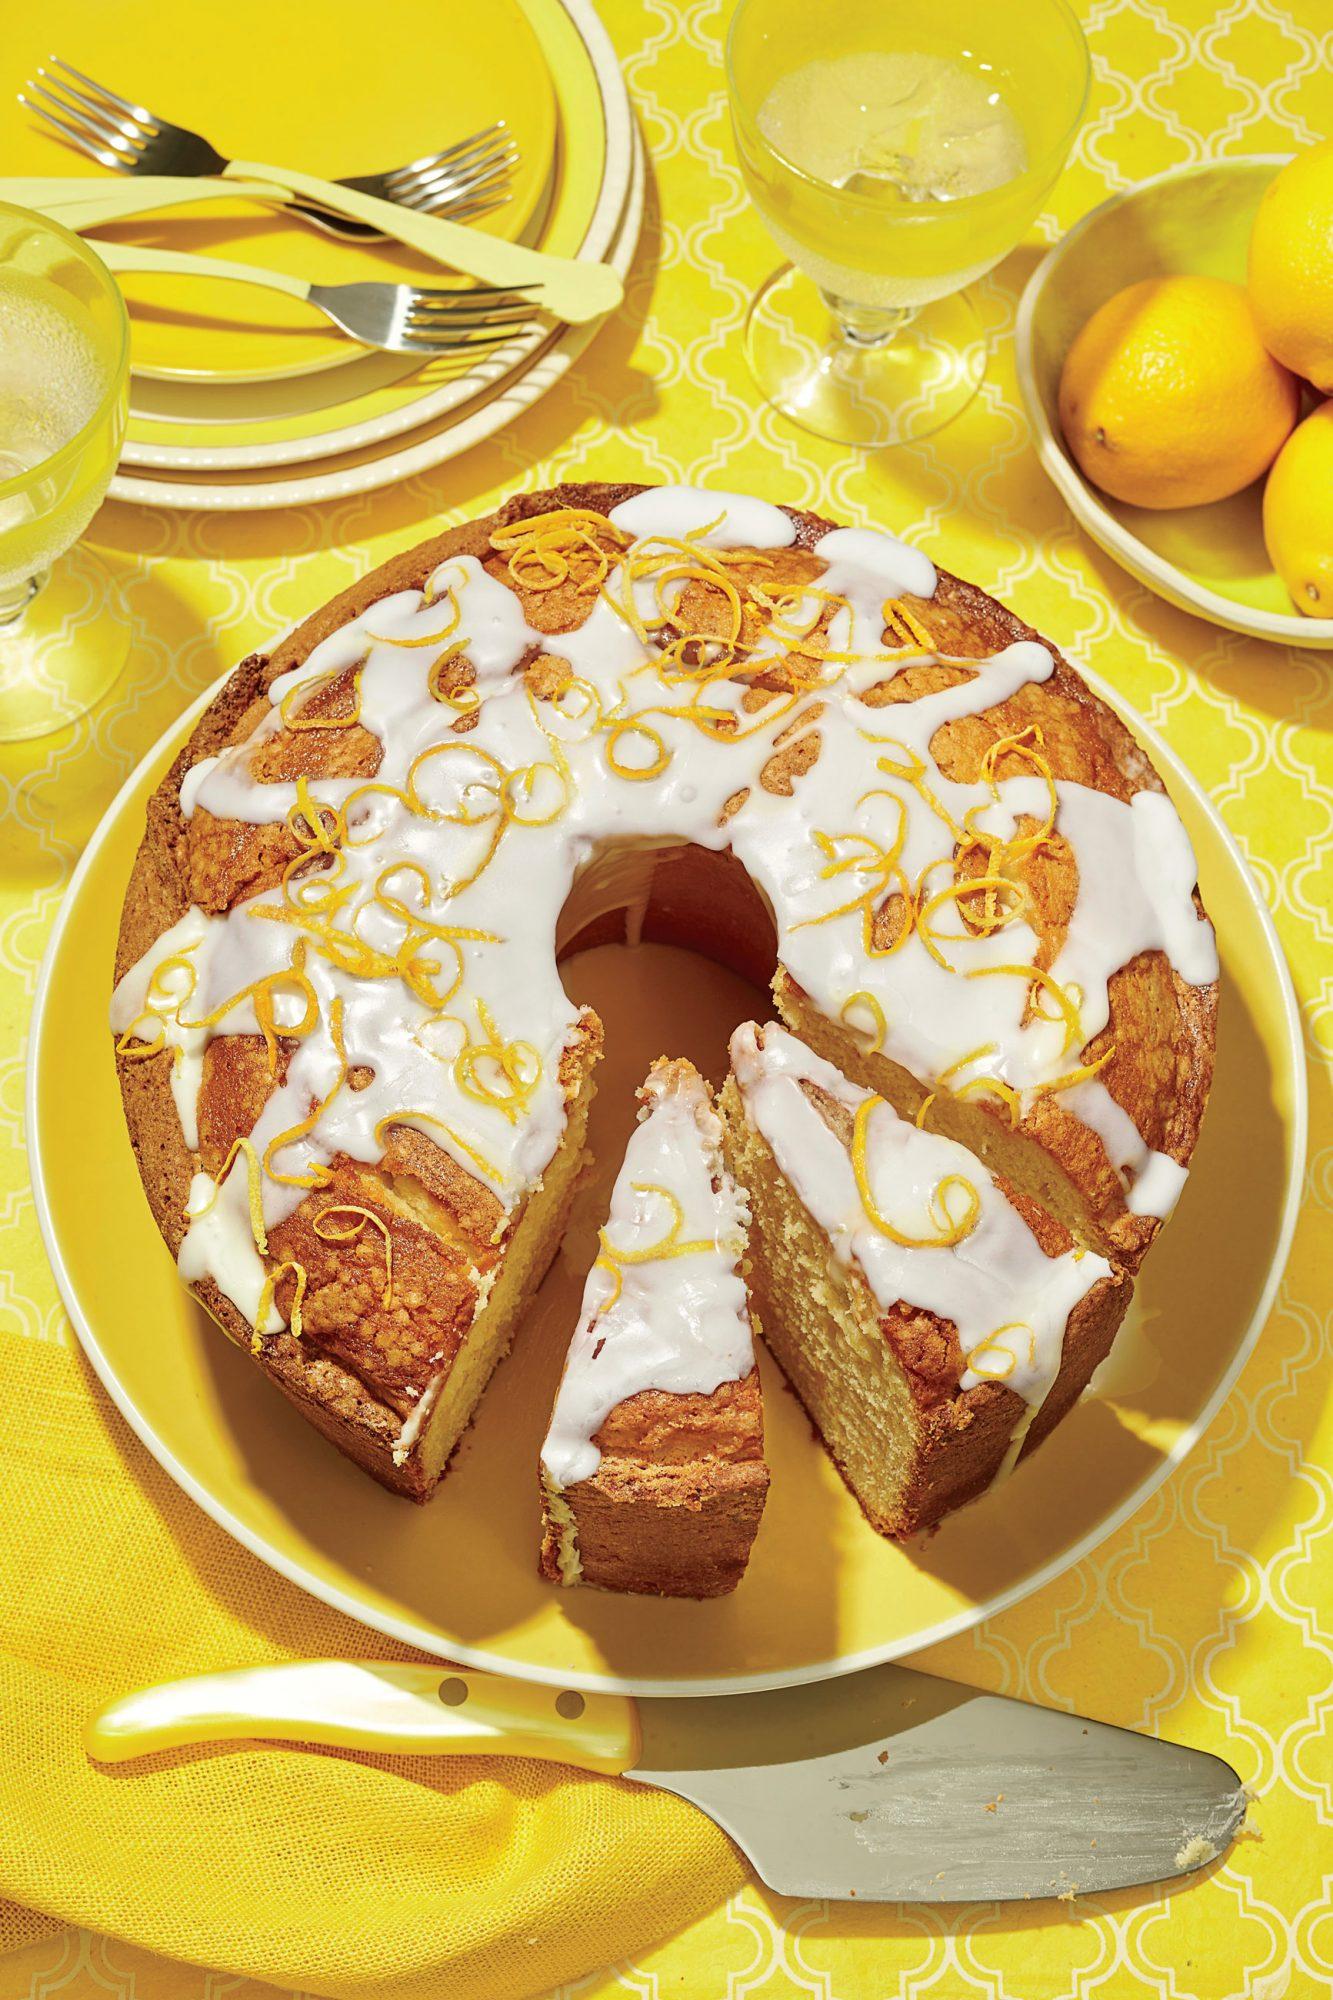 Lemon-Vanilla Pound Cake with Lavender Glaze image